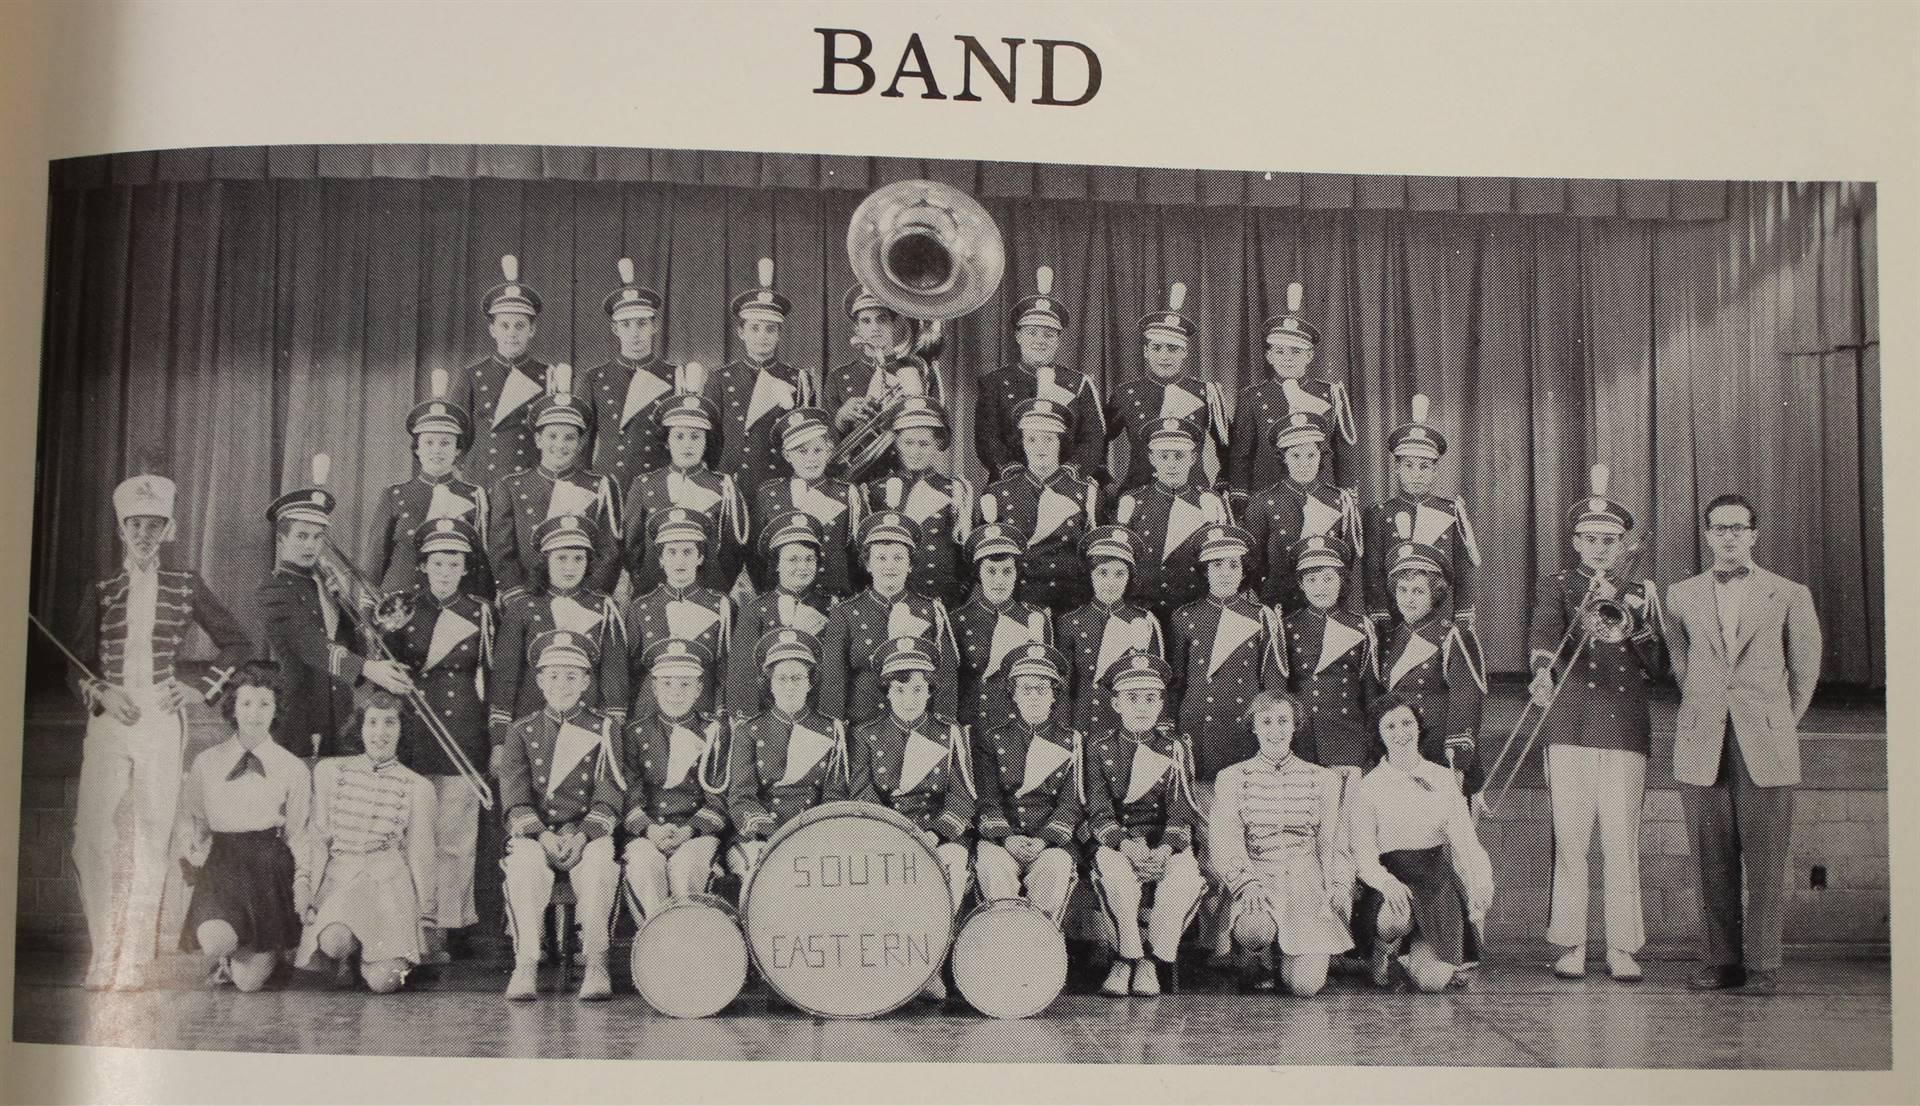 1954 Band